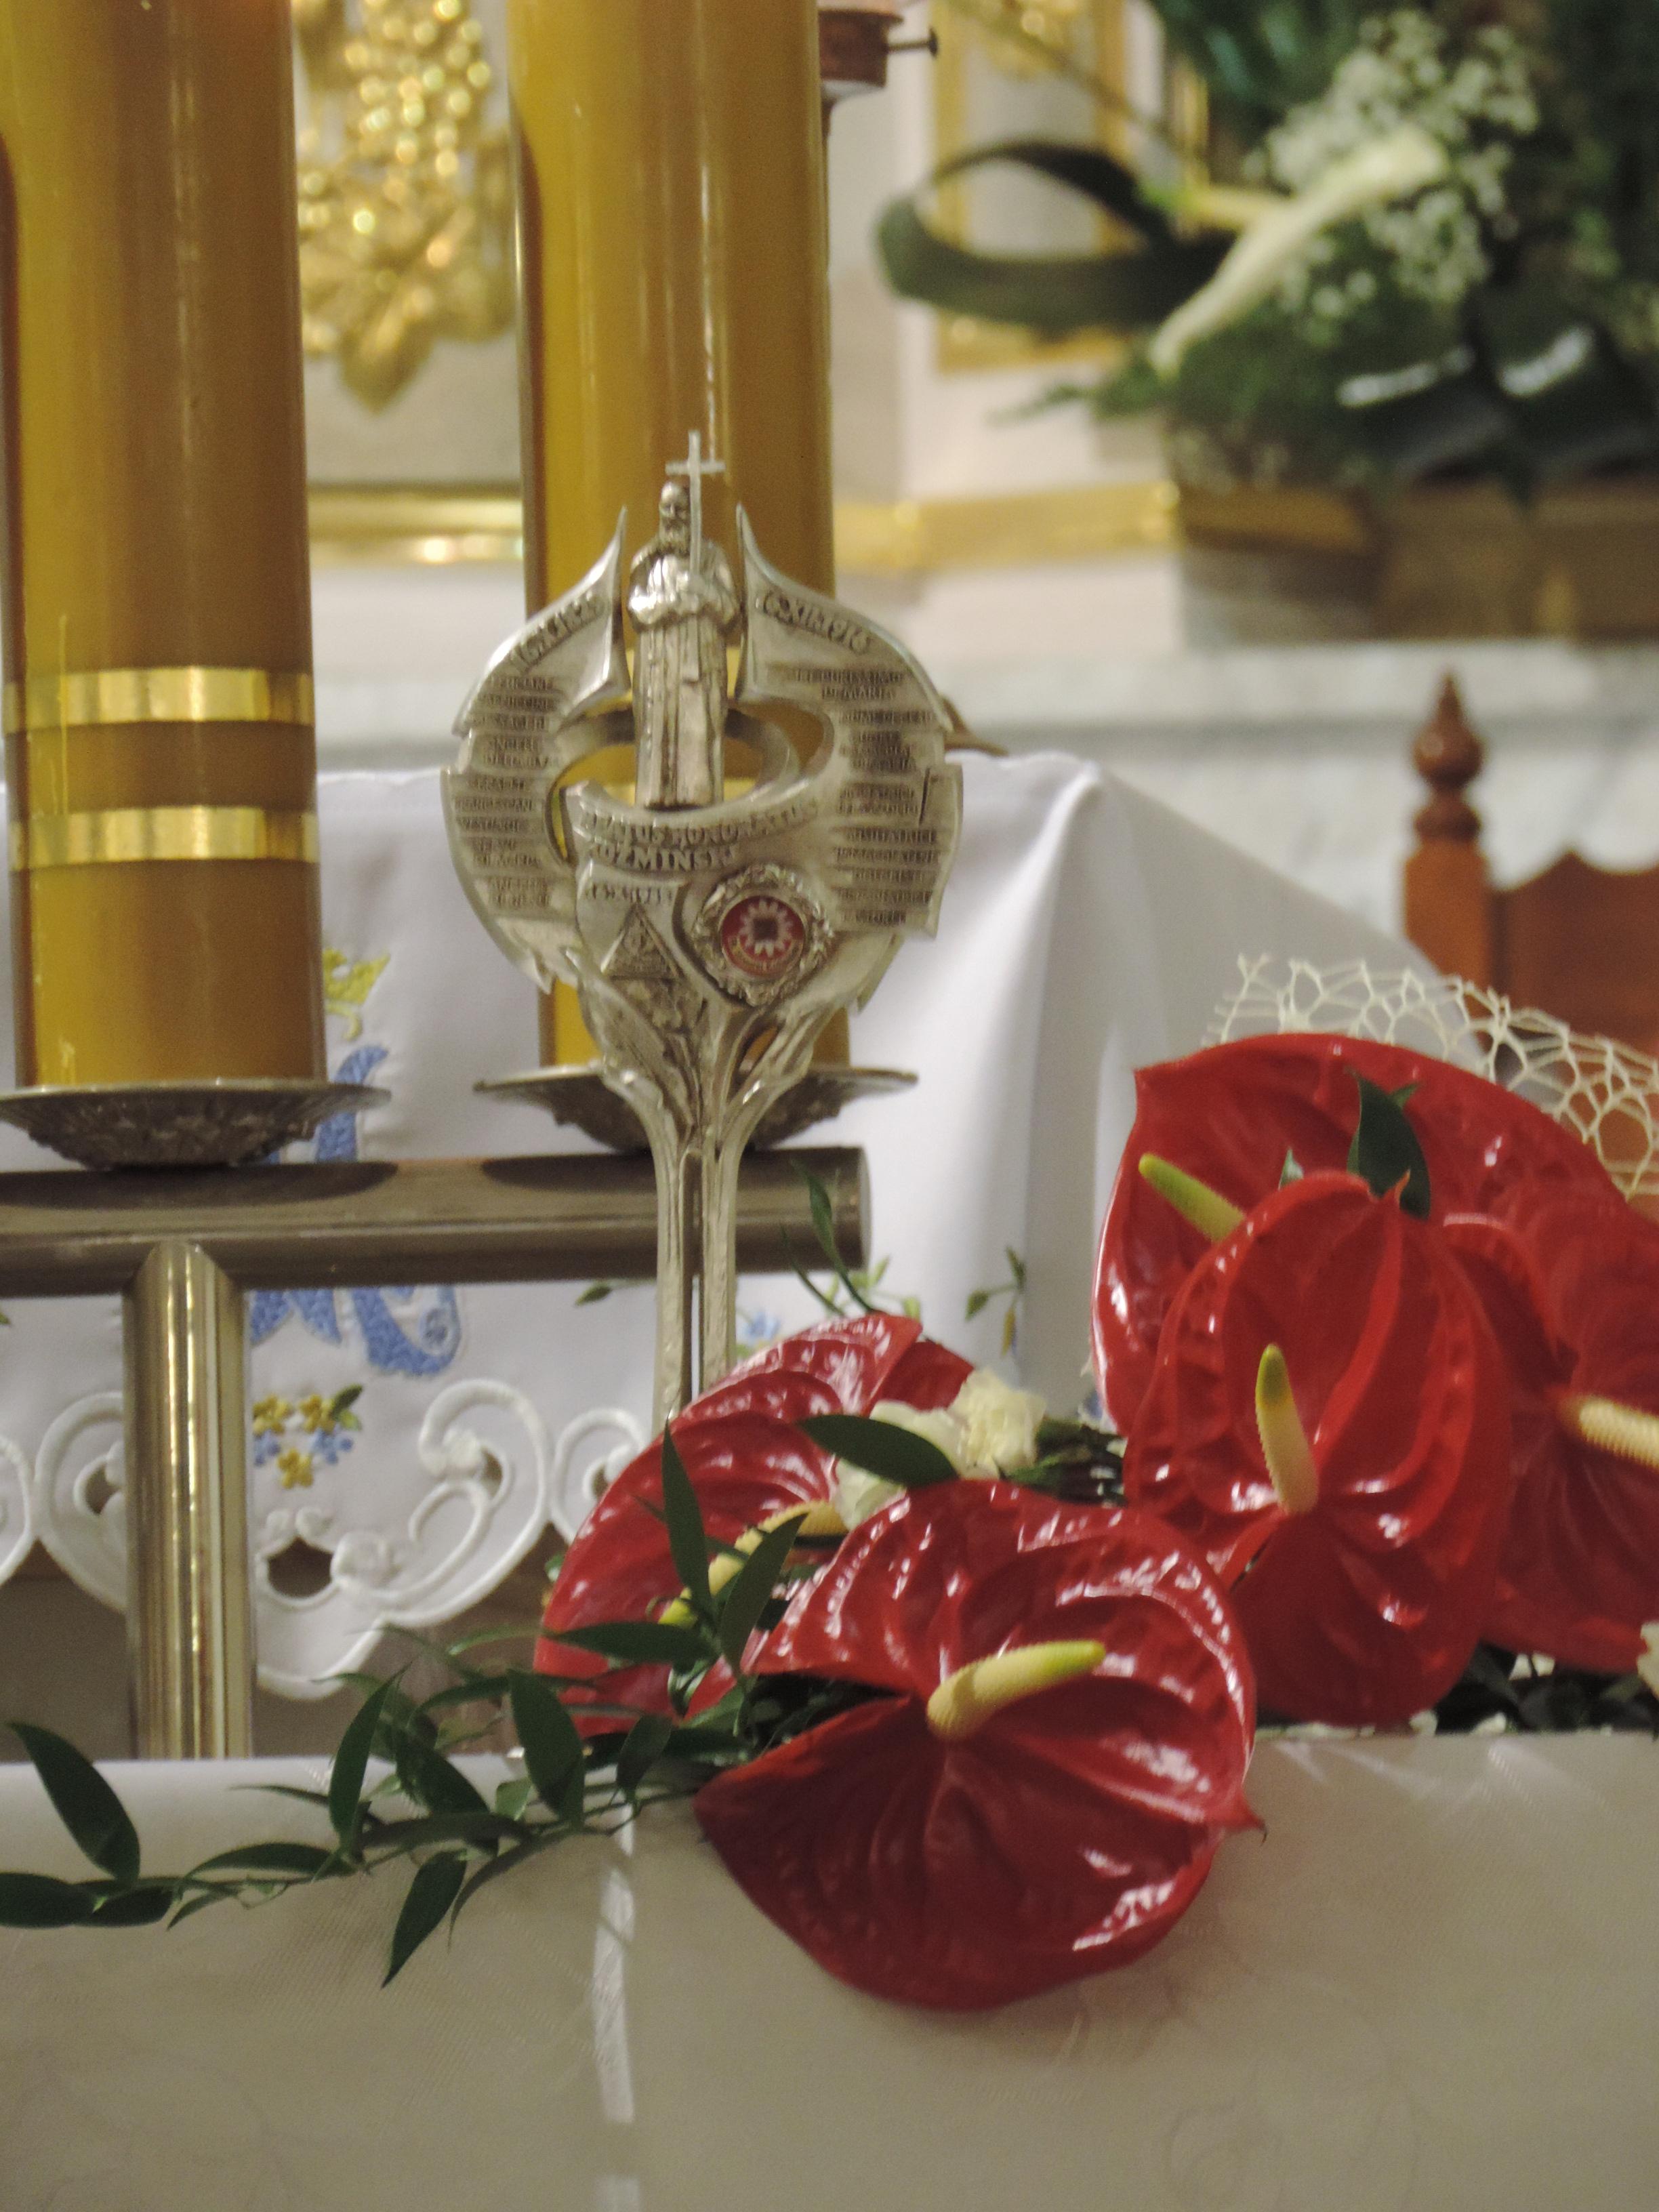 Fotorelacja – obchody jubileuszu śm. bł.Honorata wZgromadzeniu CSM